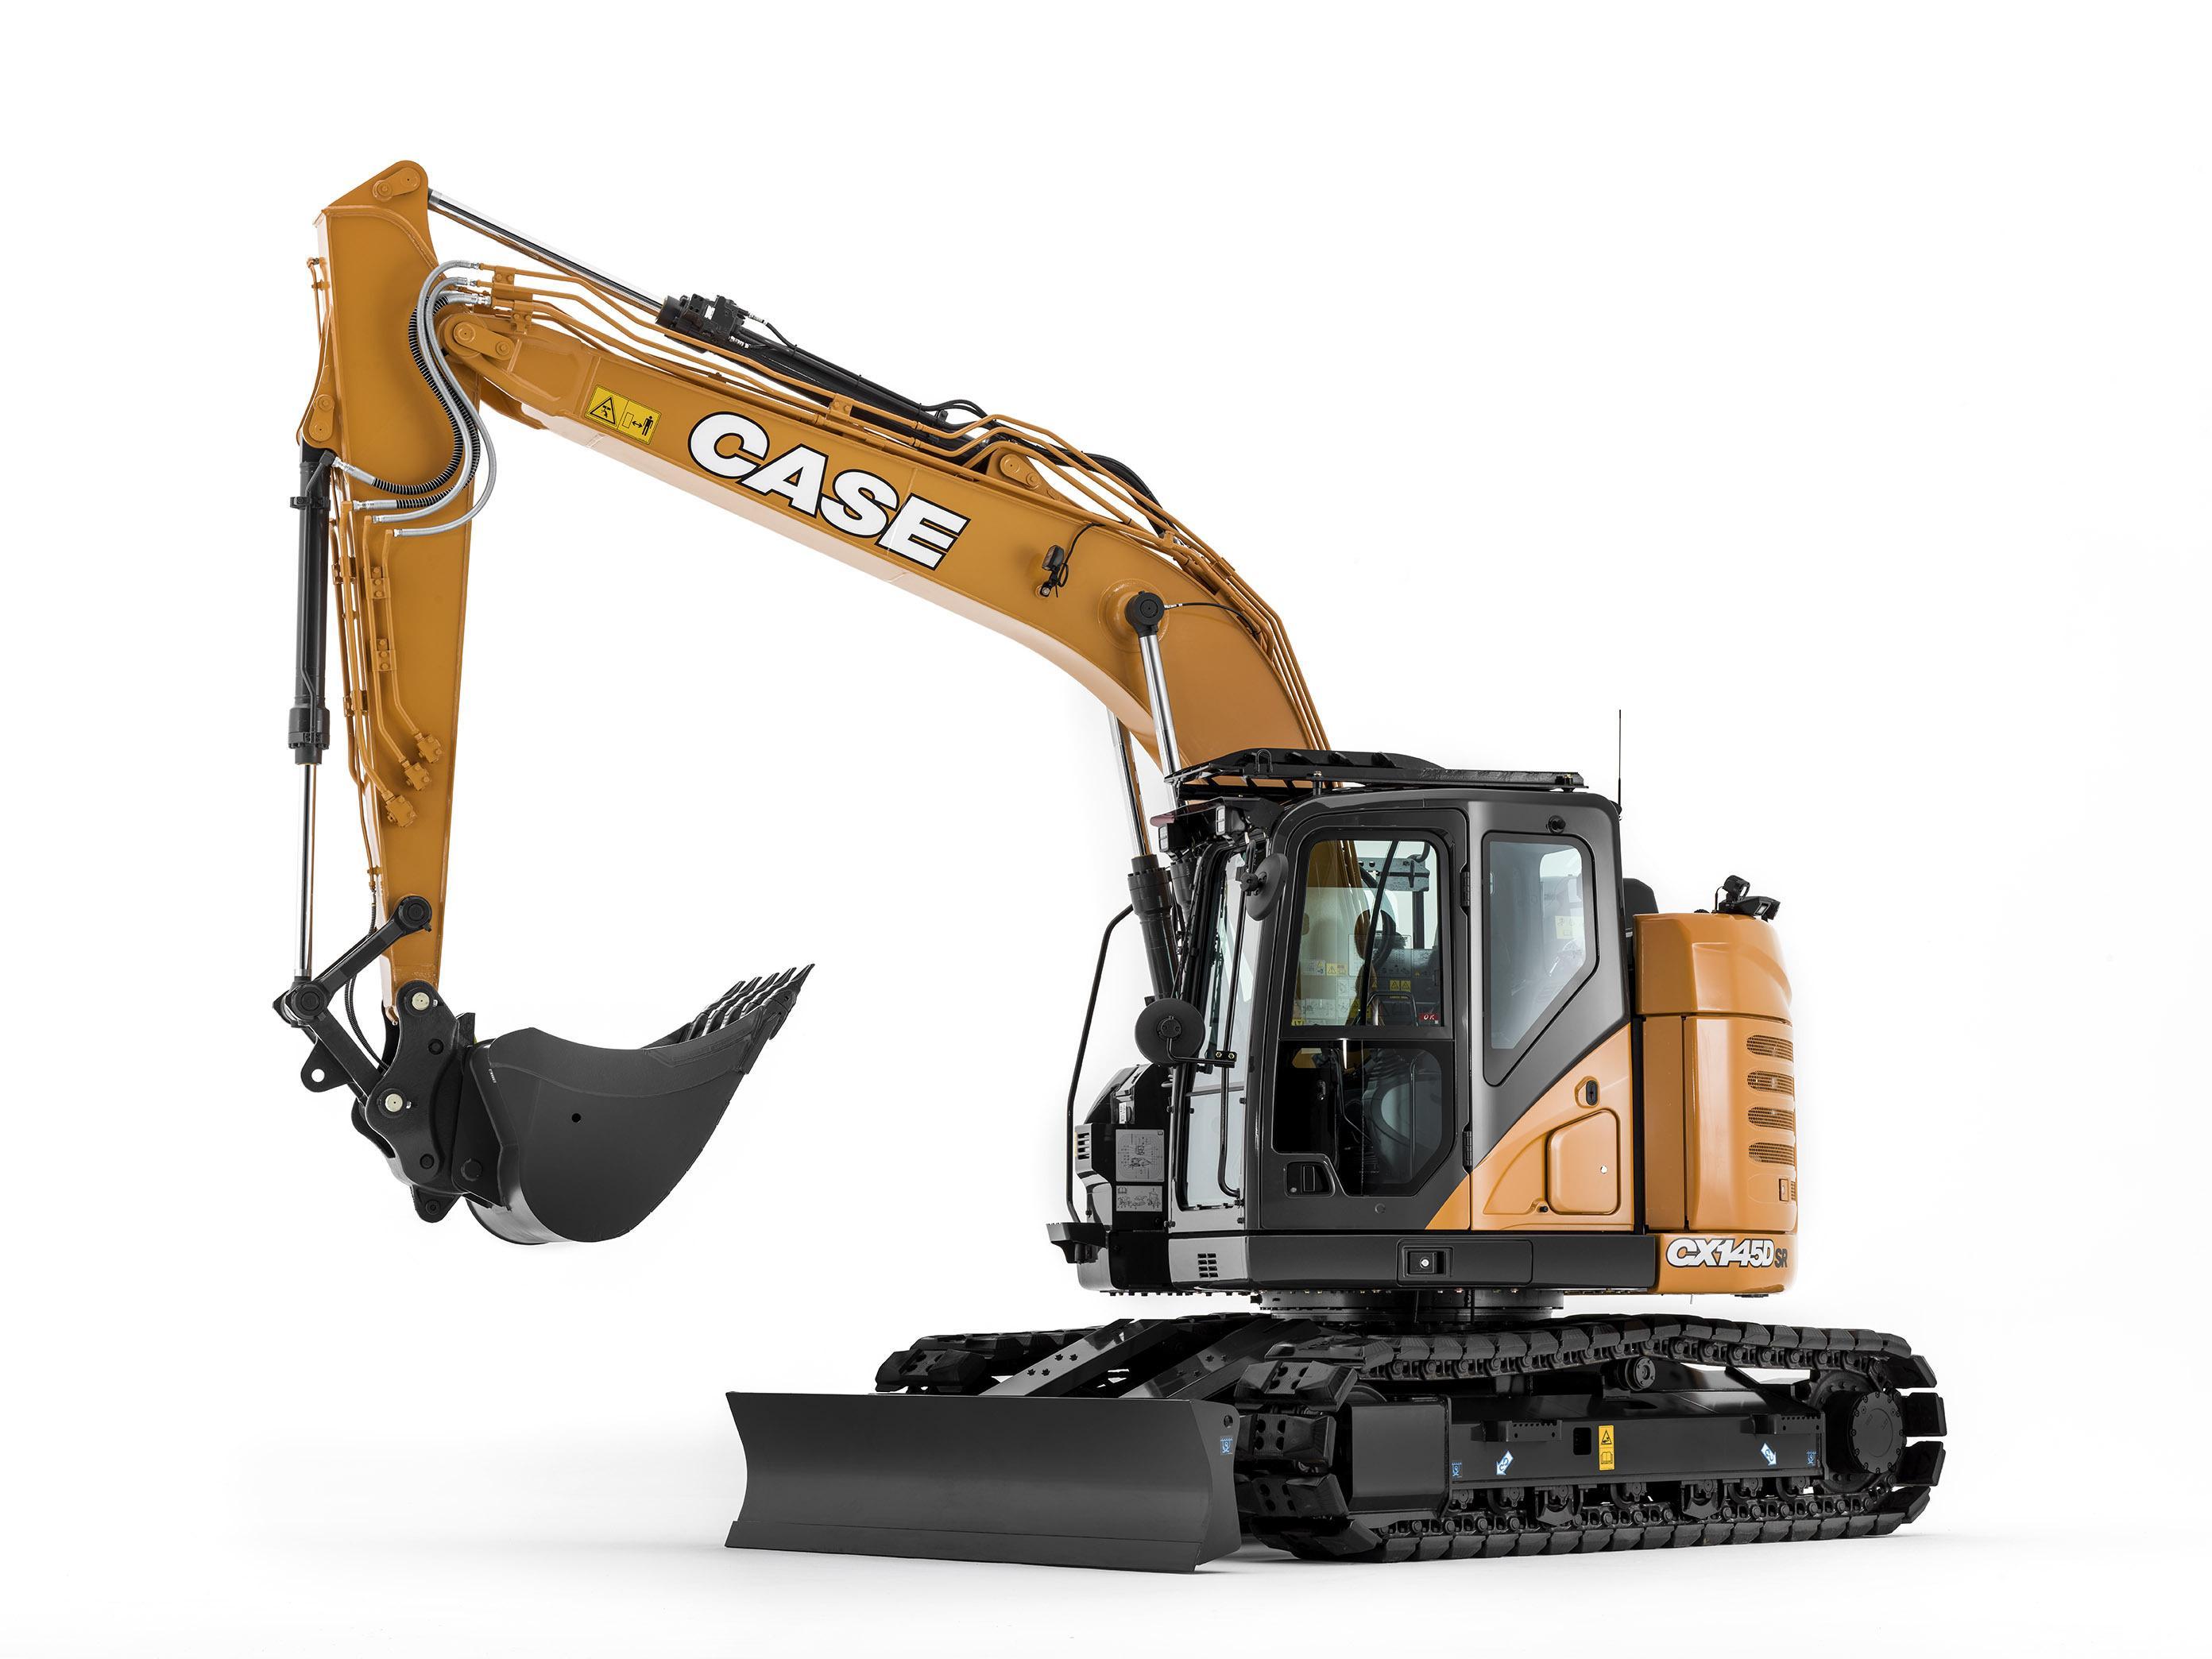 Case propone il nuovo escavatore CX145D -  -Notizie - MC5.0-Macchine Cantieri